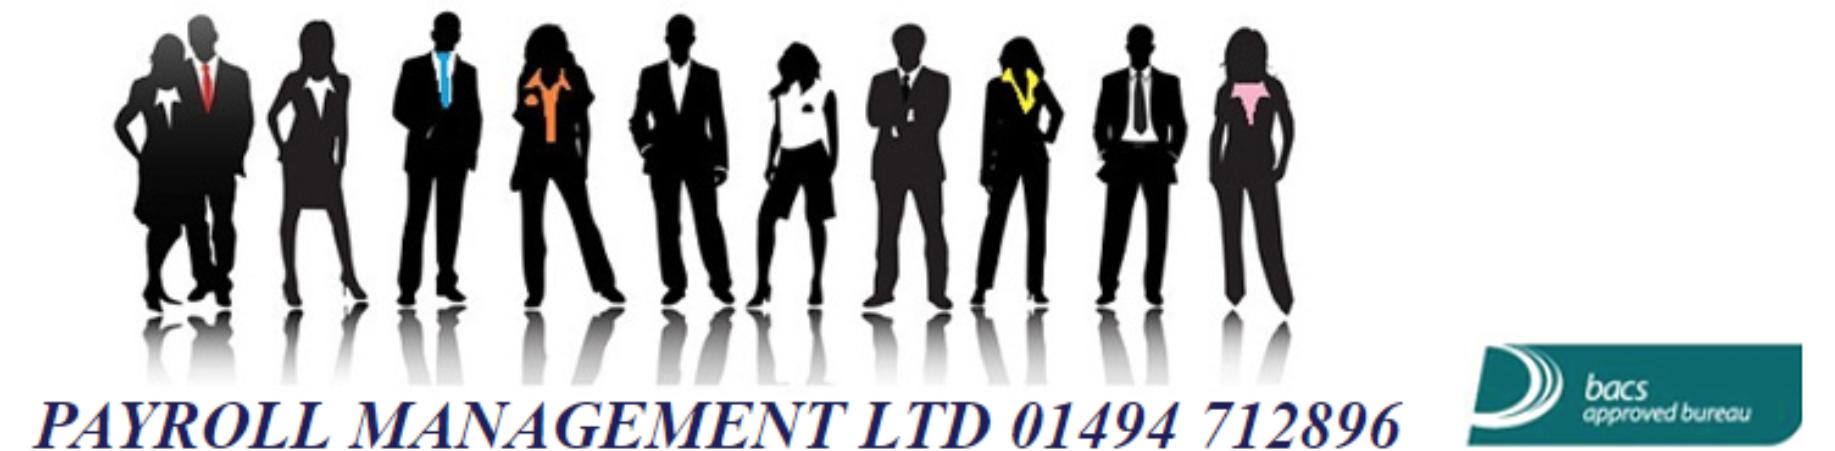 Payroll Management Ltd